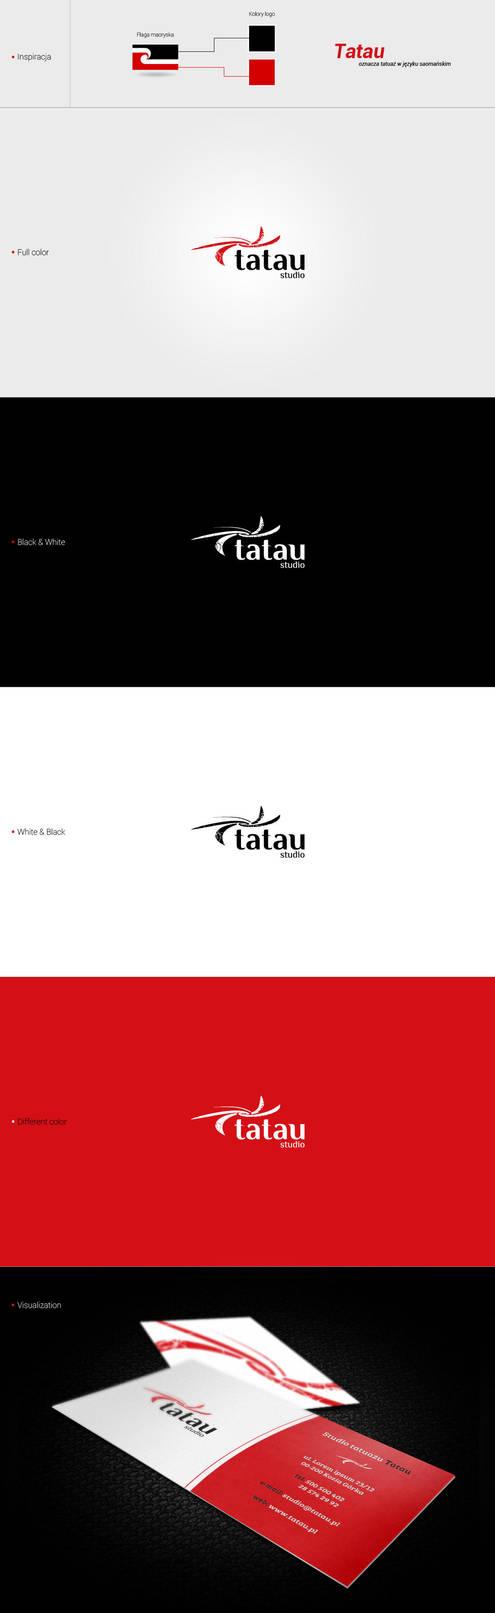 Tatau studio by pawelkarbarz